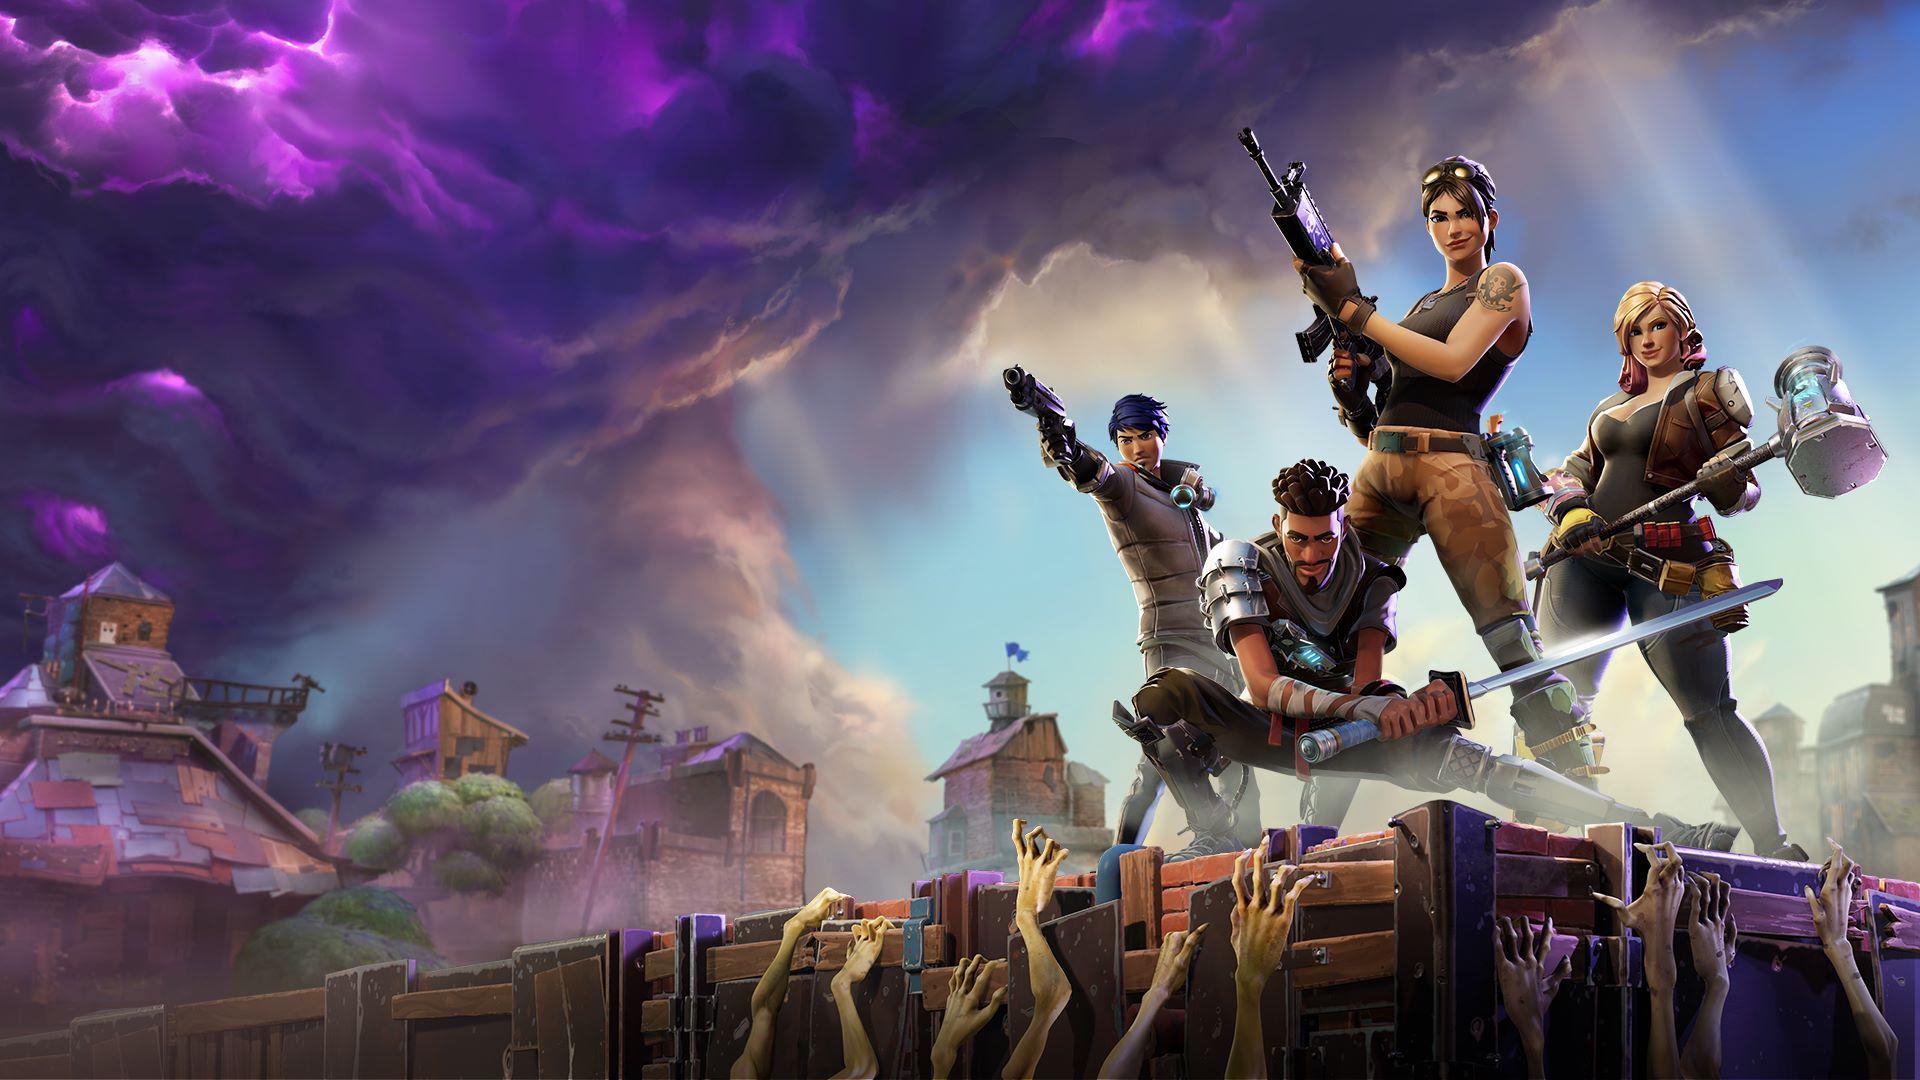 fortnite deluxe founder s pack - fortnite unblocked games 76